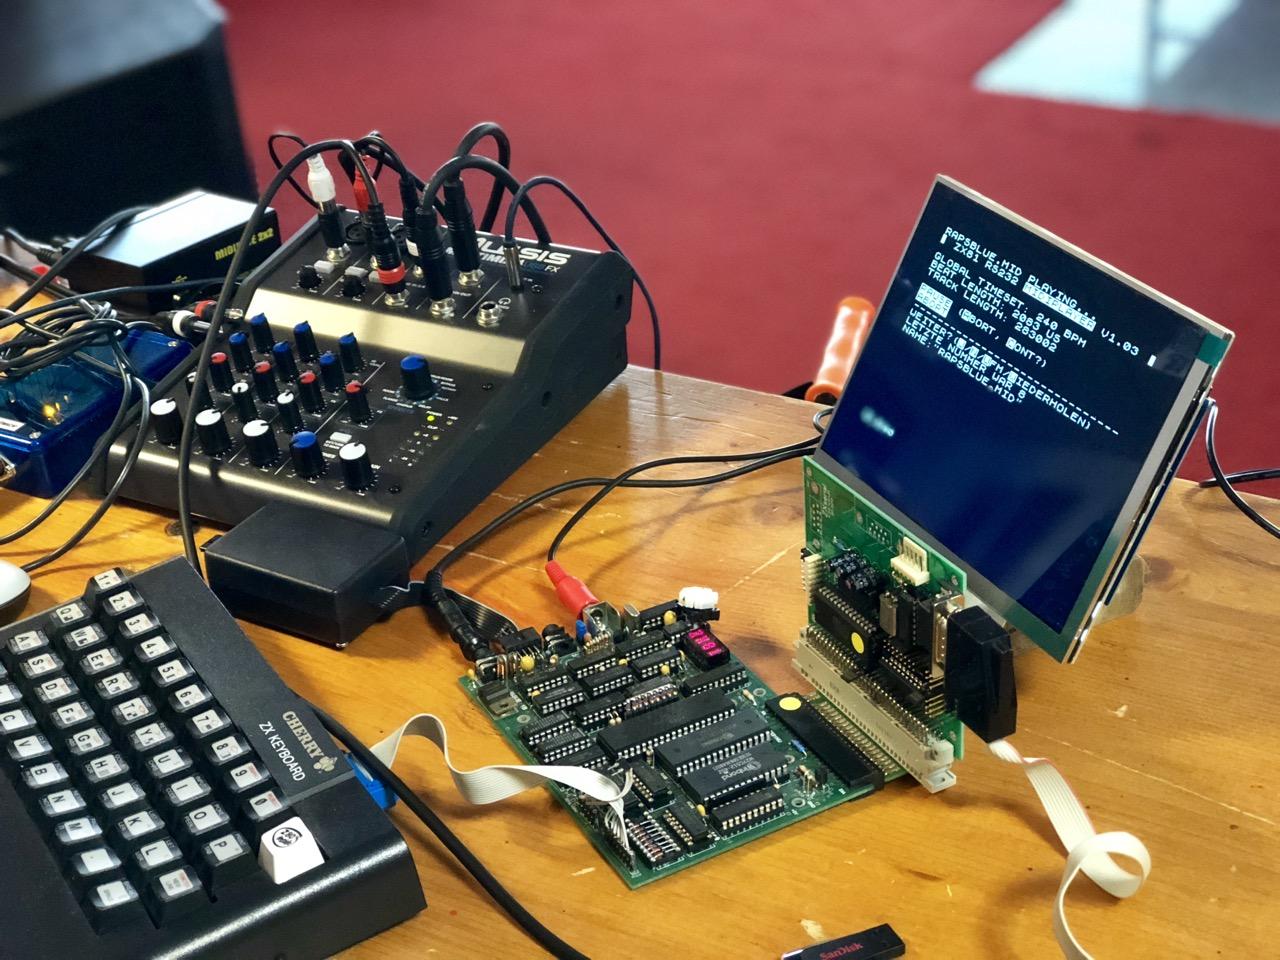 Beim Vortrag zu MIDI und dem ZX81. (Bild: André Eymann)